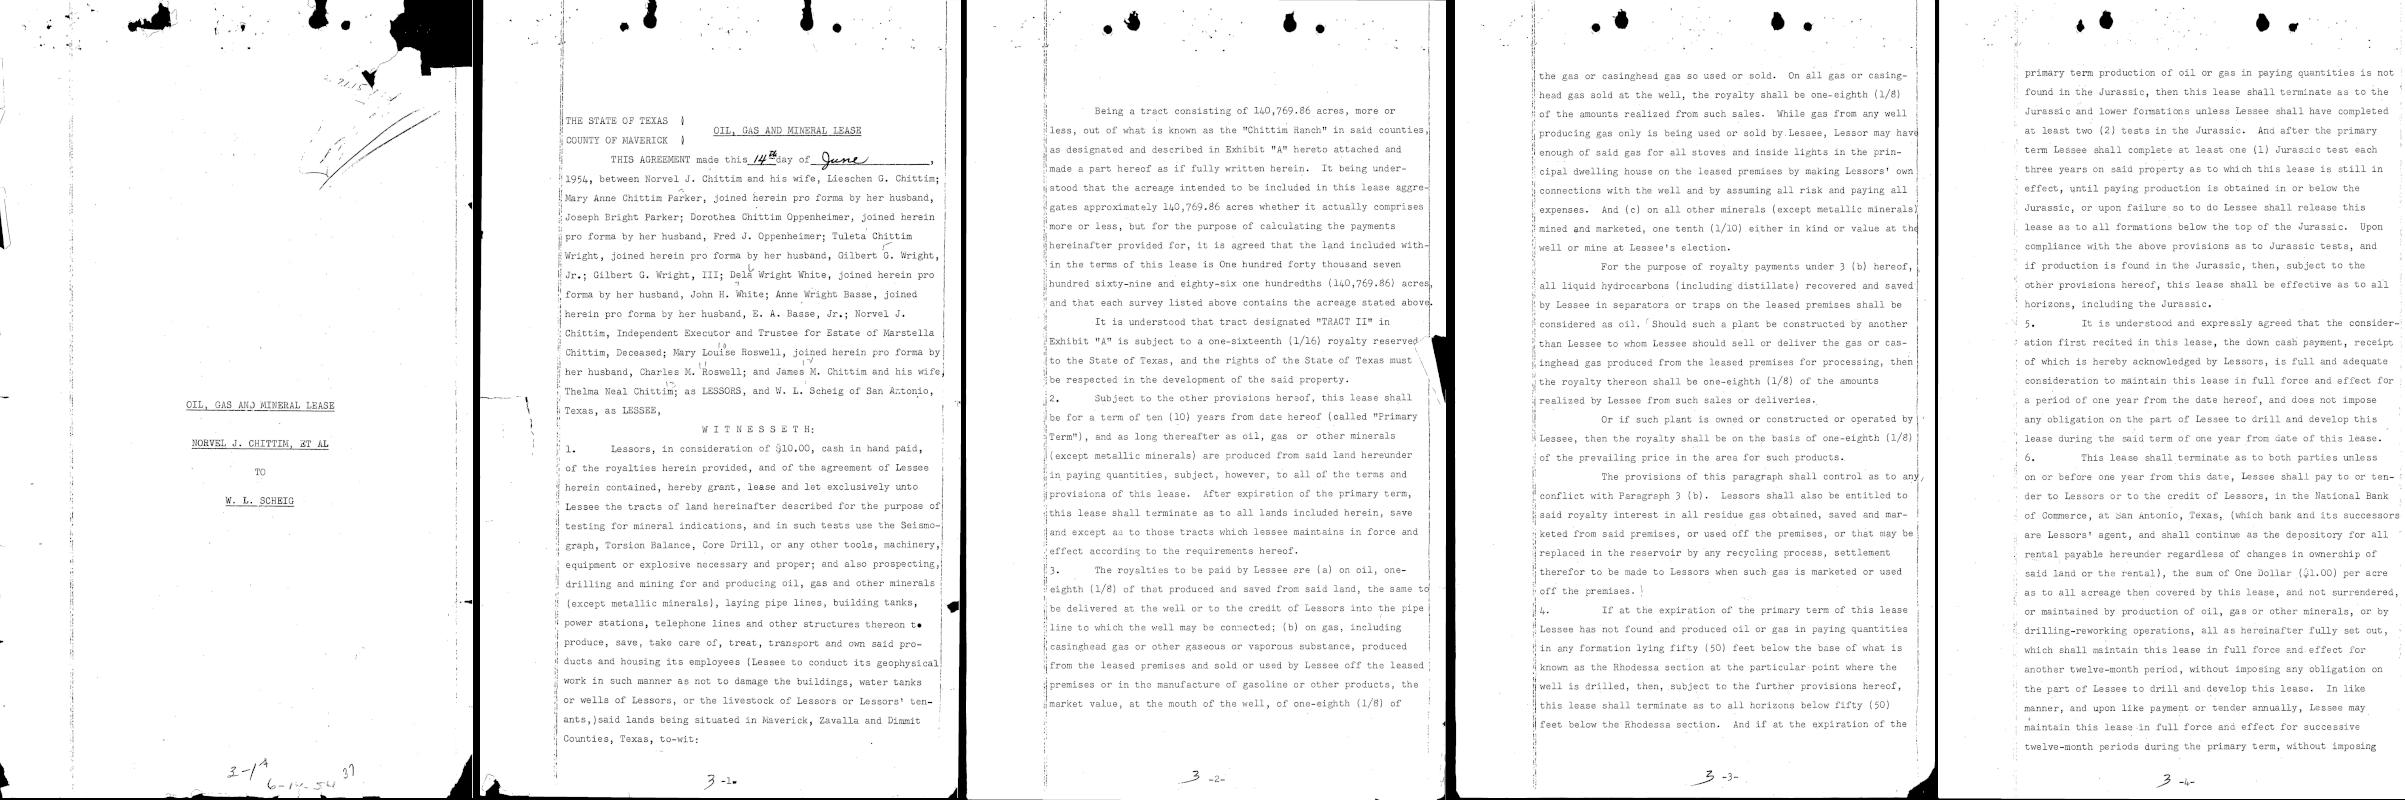 primeiras cinco páginas de um arquivo PDF